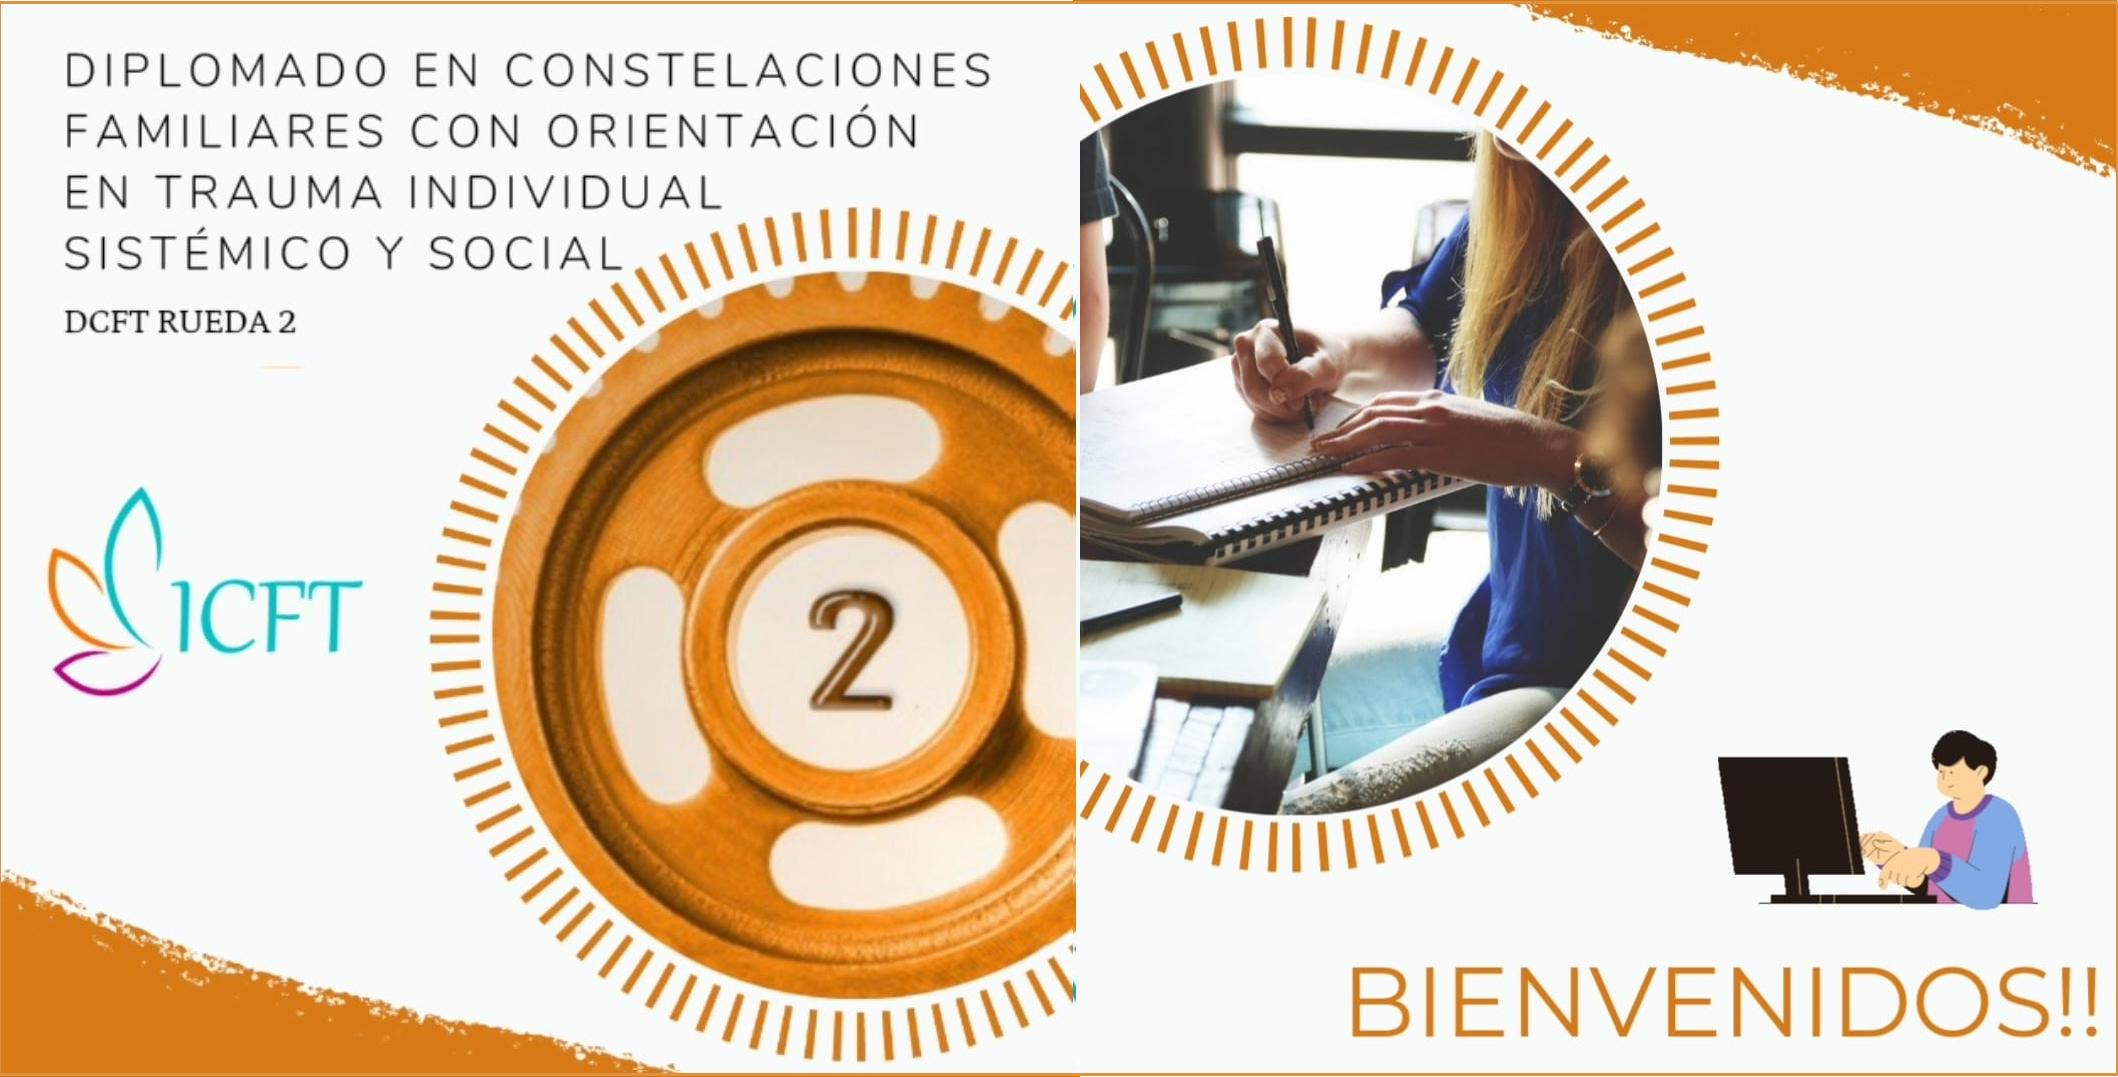 DIPLOMADO EN CONSTELACIONES FAMILIARES CON ORIENTACIÓN EN TRAUMA INDIVIDUAL, SISTÉMICO Y SOCIAL 2